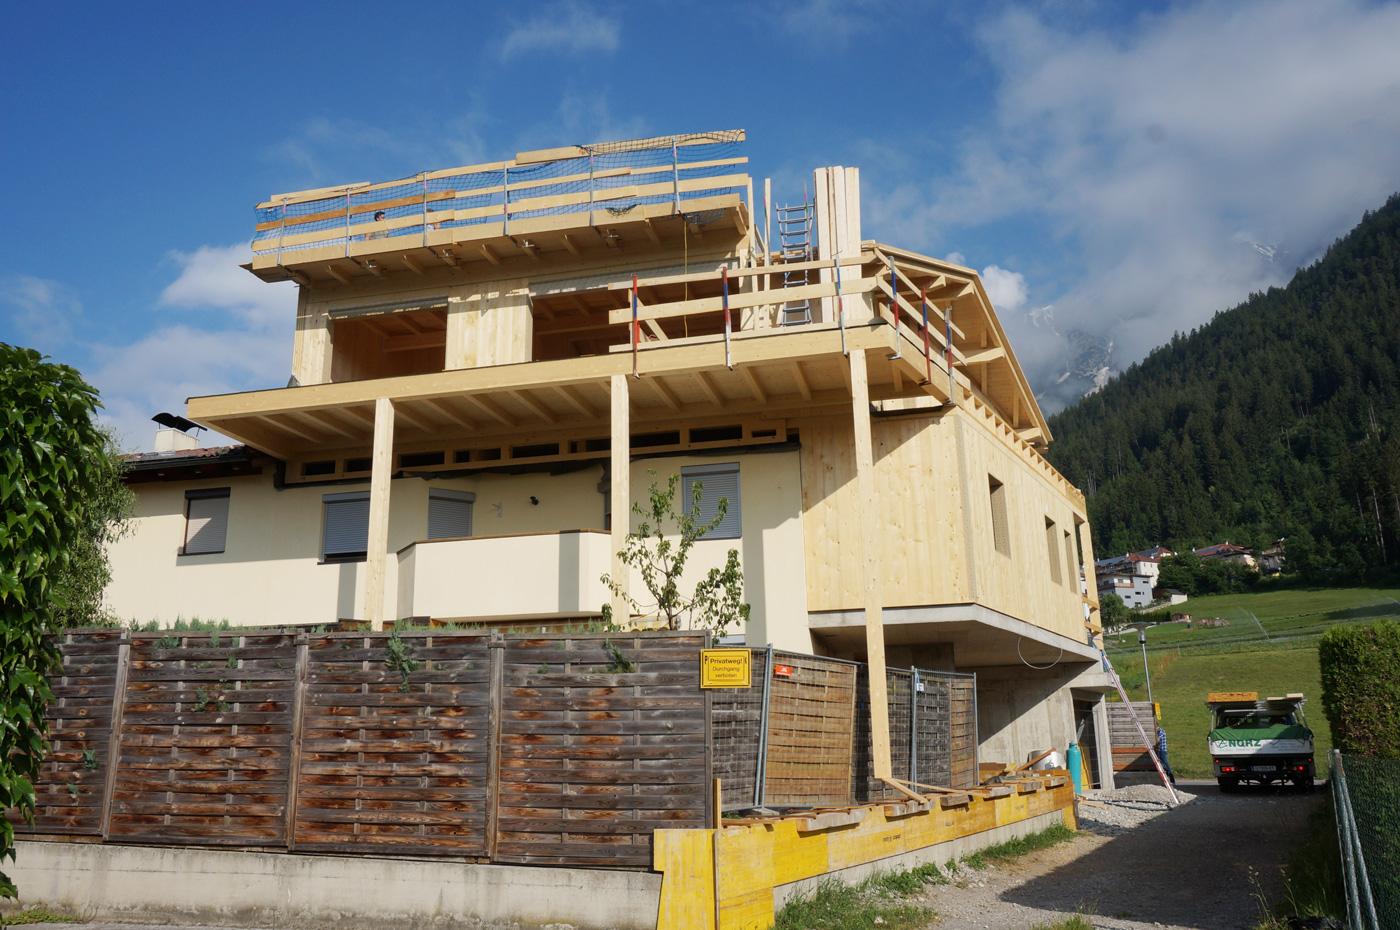 9-2019-Zu-und-Umbau-Einfamilienhaus-mit-Vollholzwaenden-Holzbau-Zimmerei-Norz-2.jpg